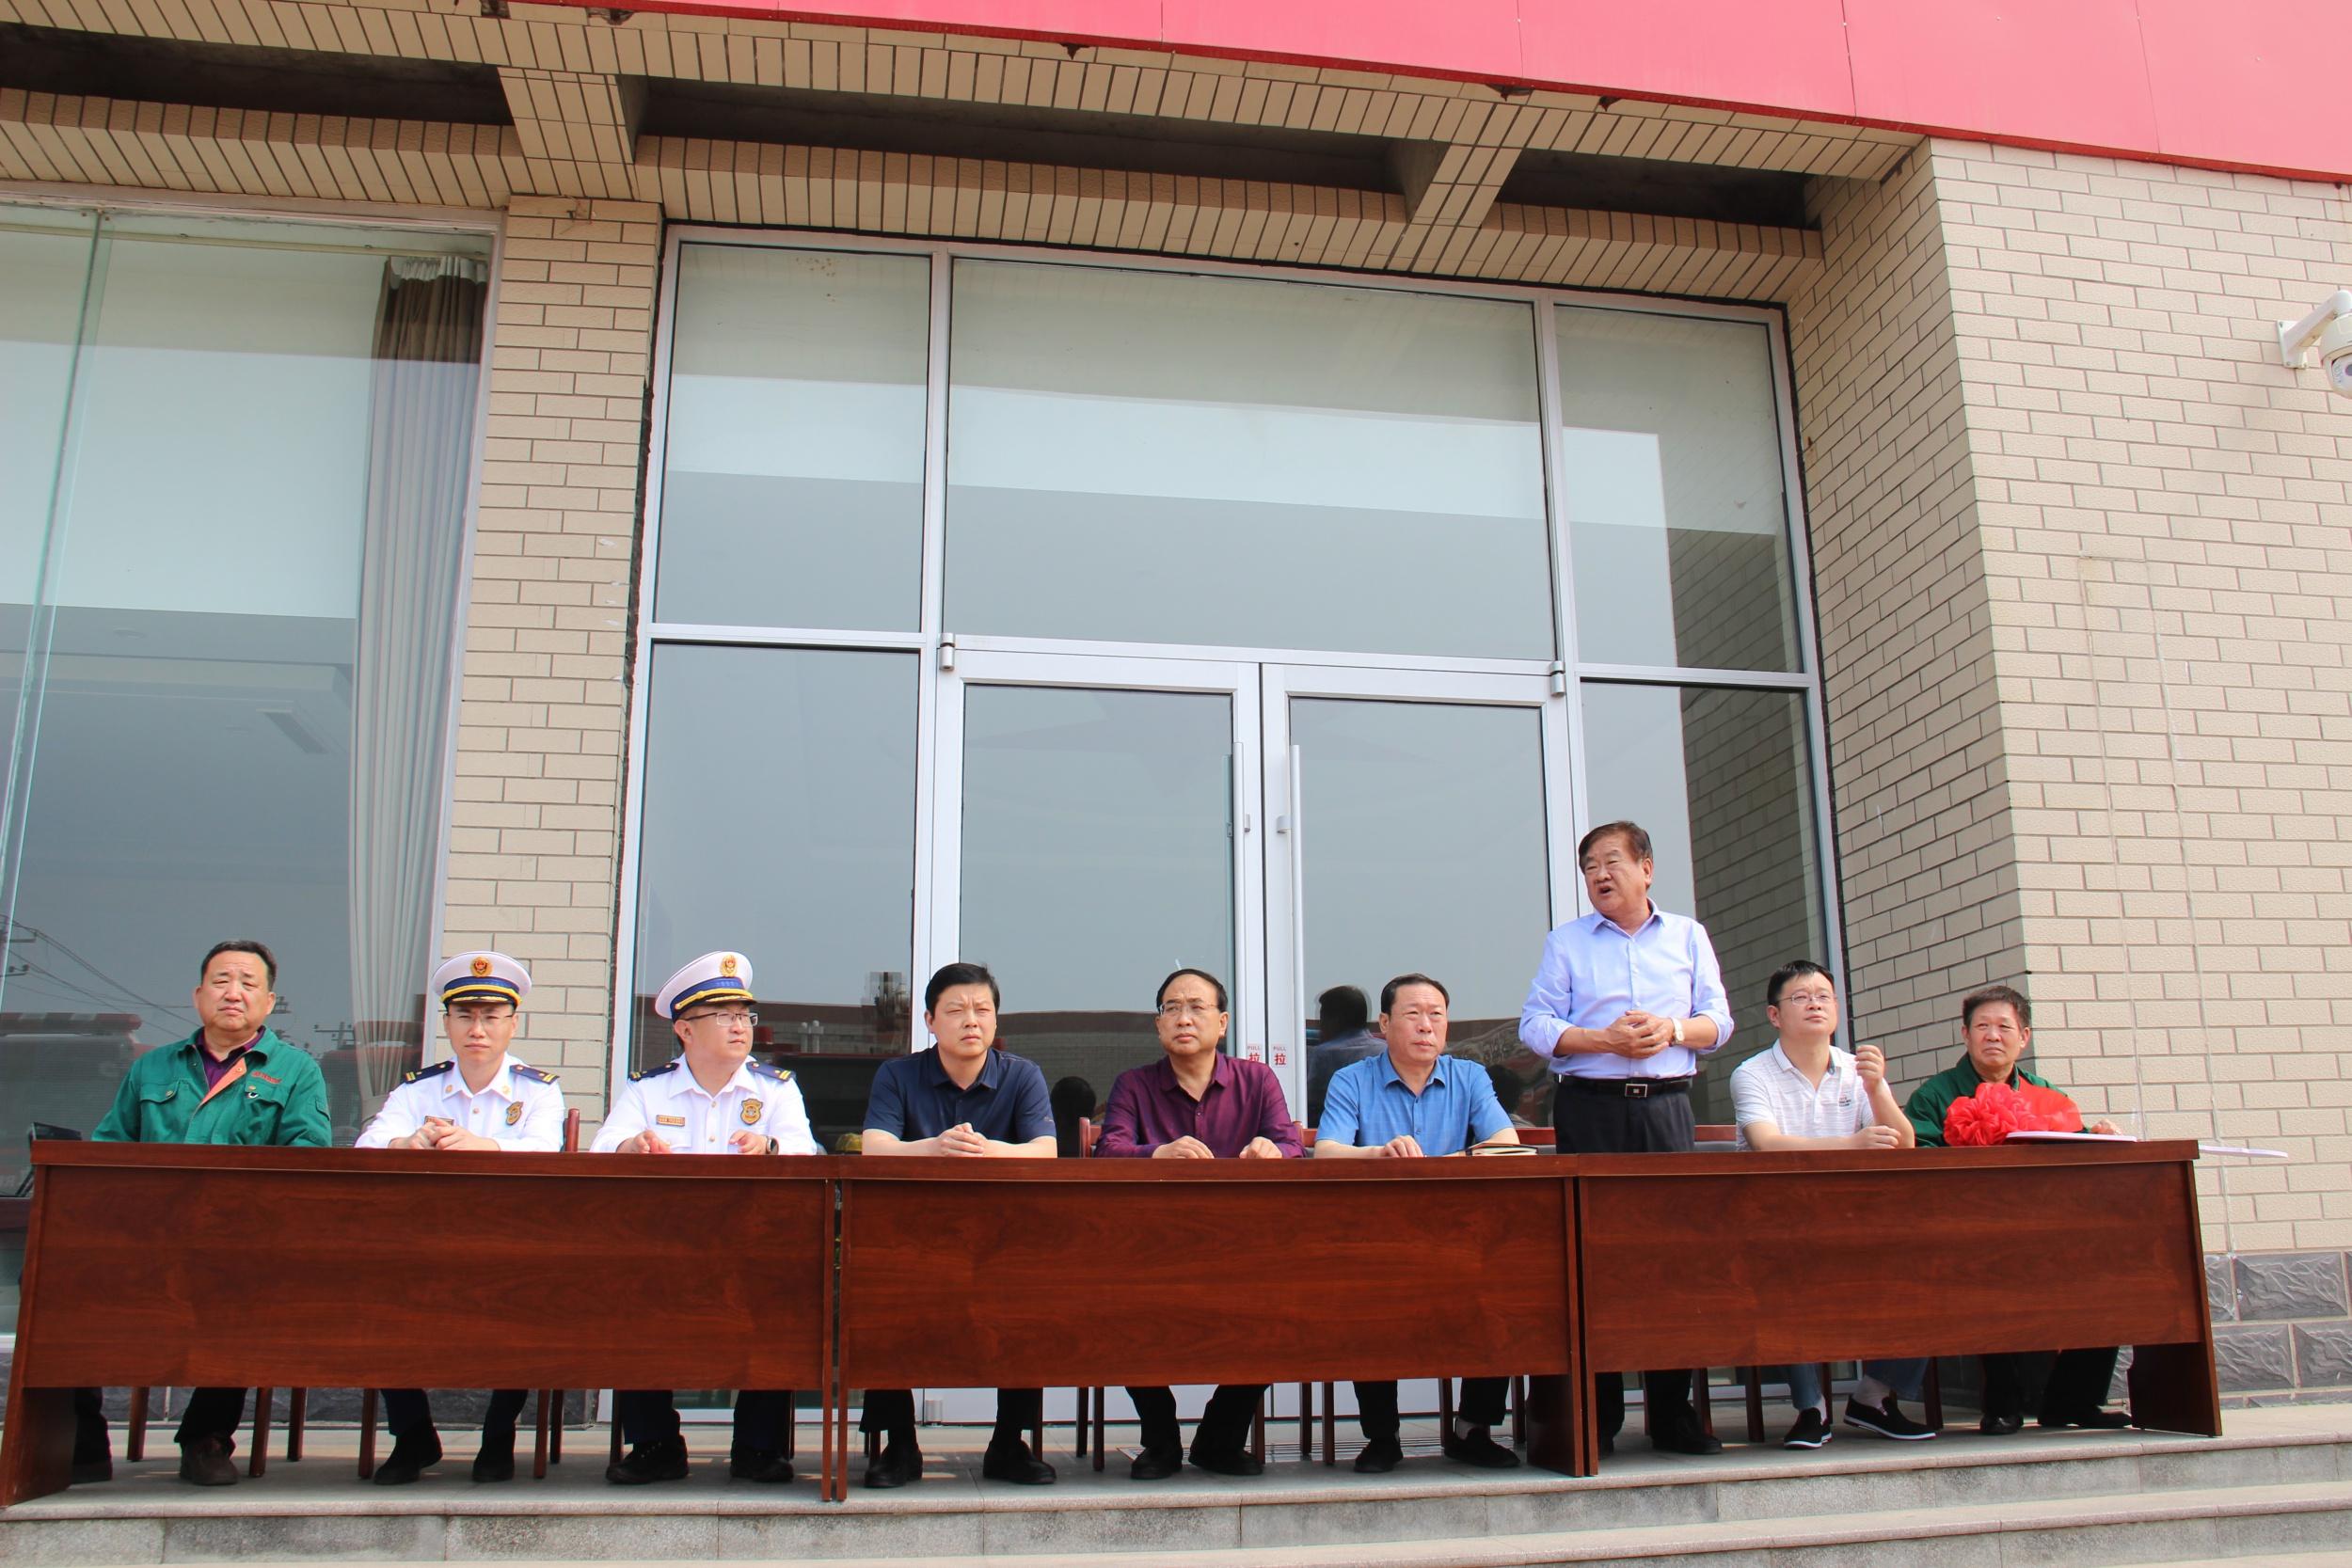 興柏藥業集團與趙縣消防救援大隊舉行捐贈消防車交接儀式